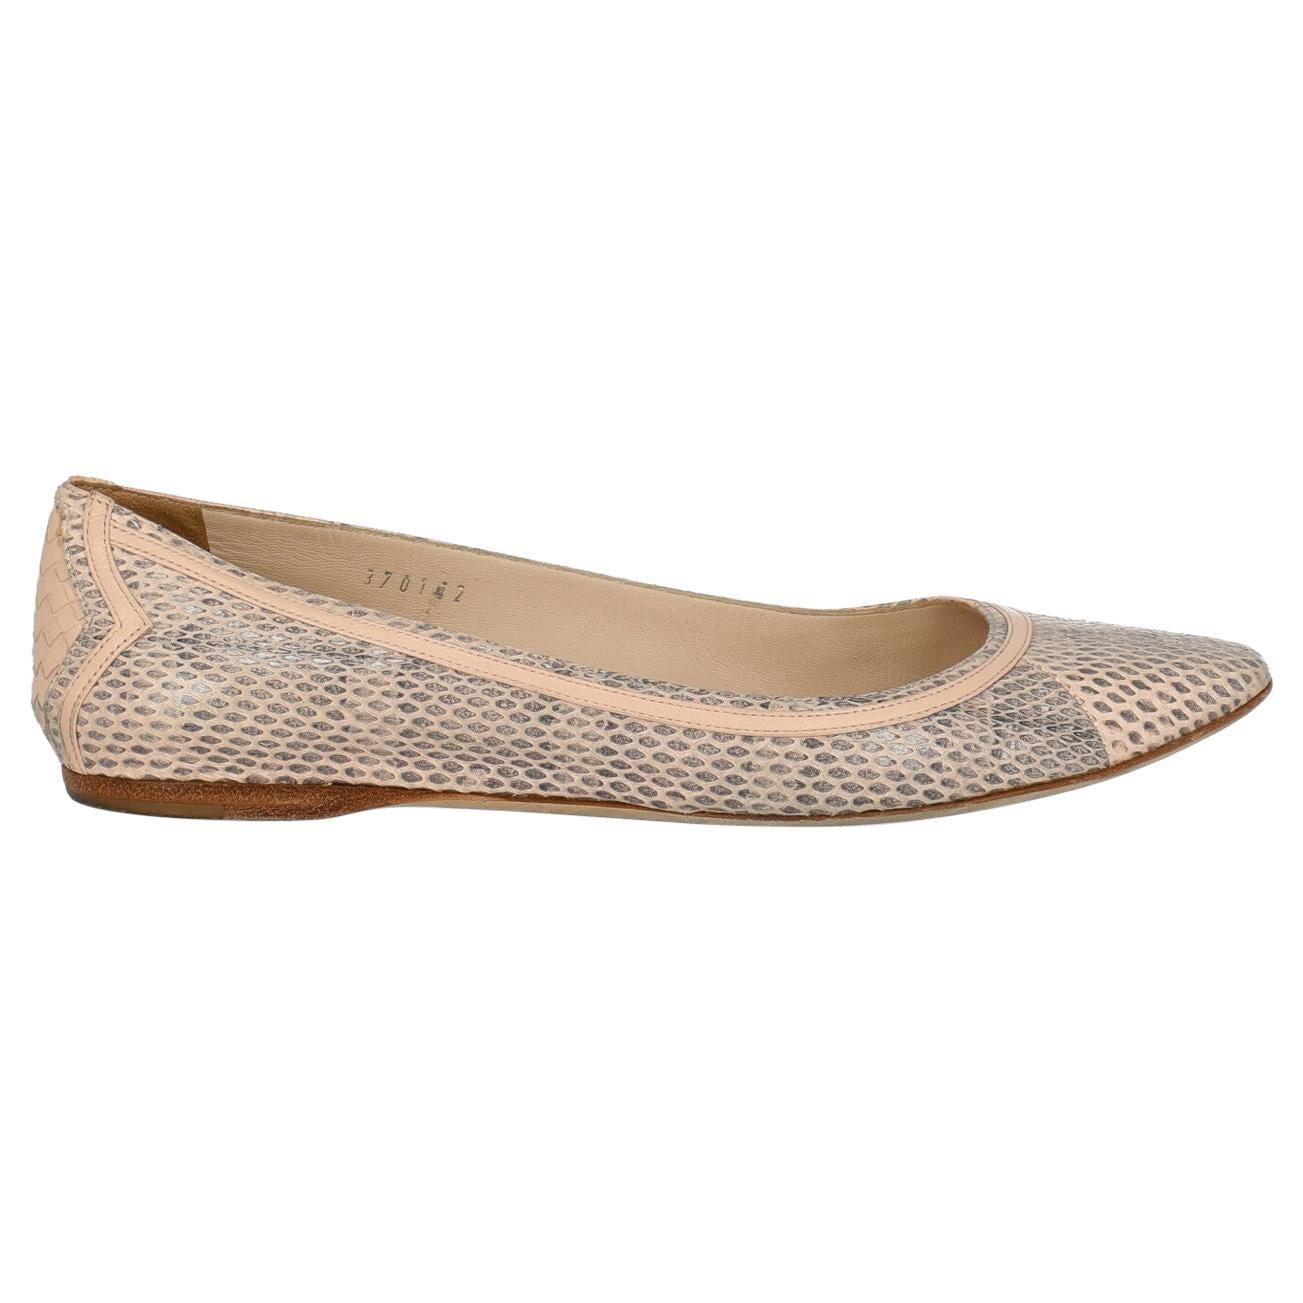 Bottega Veneta Woman Ballet flats Pink Leather IT 37